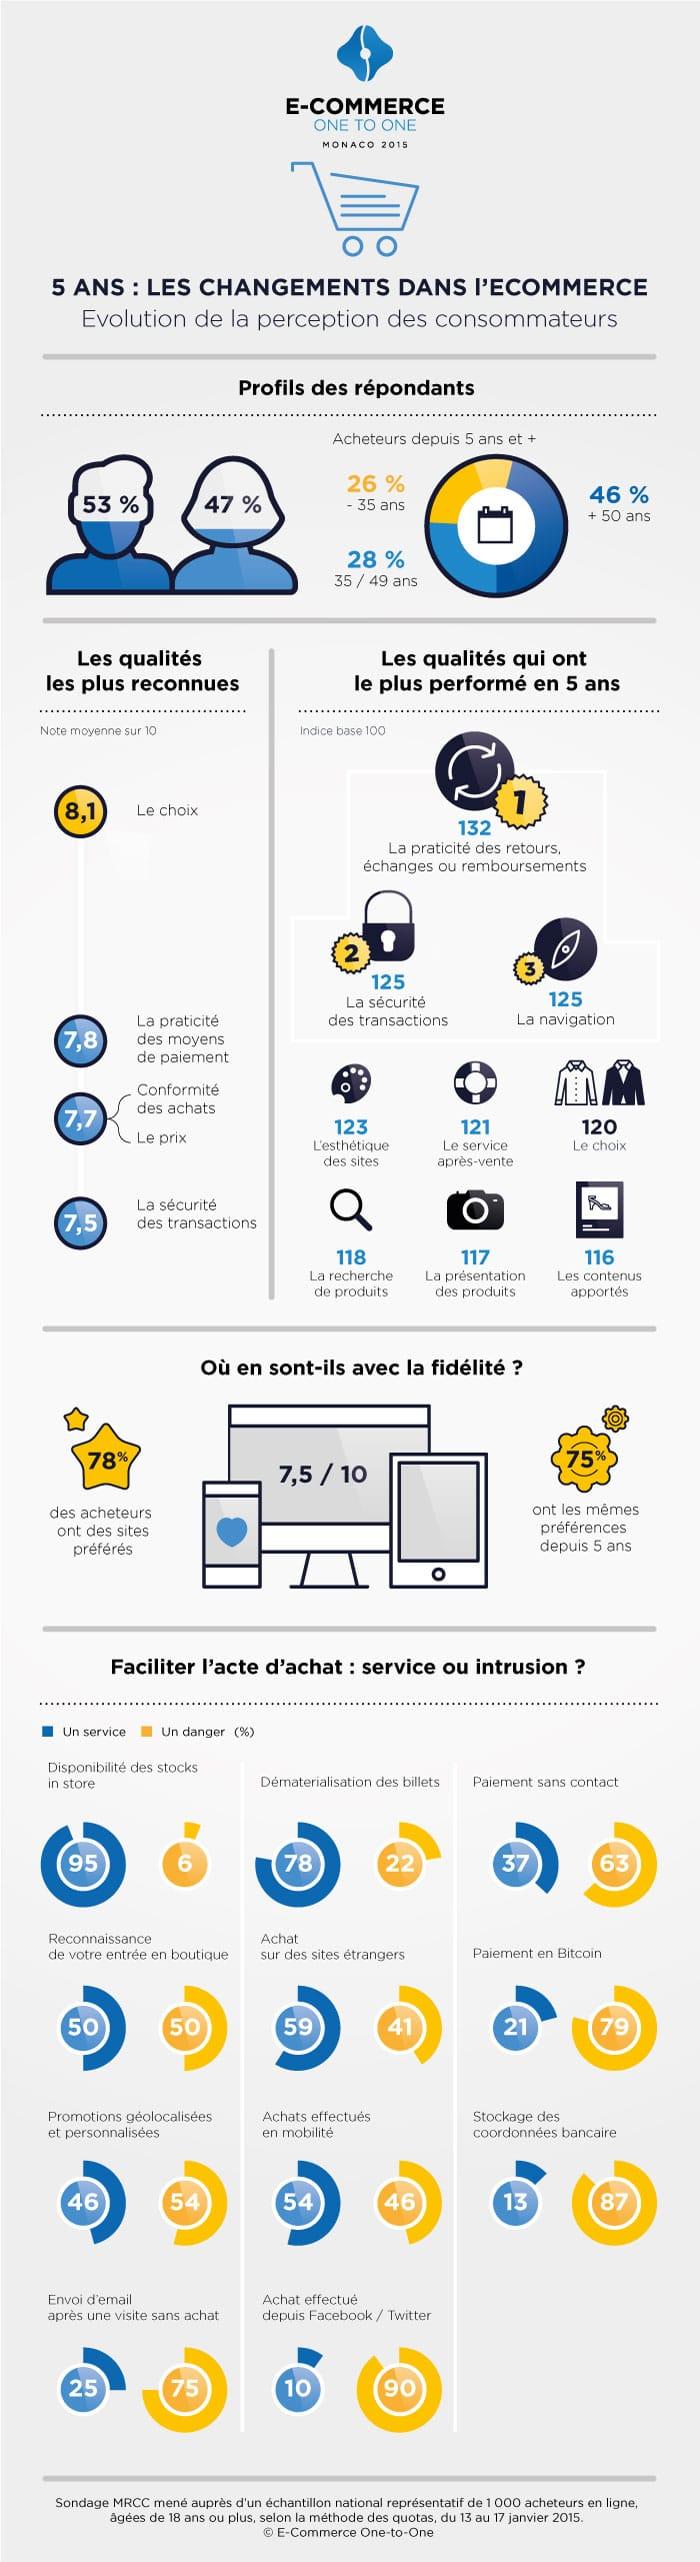 Infographie-Etude-Consommateurs-5-ans